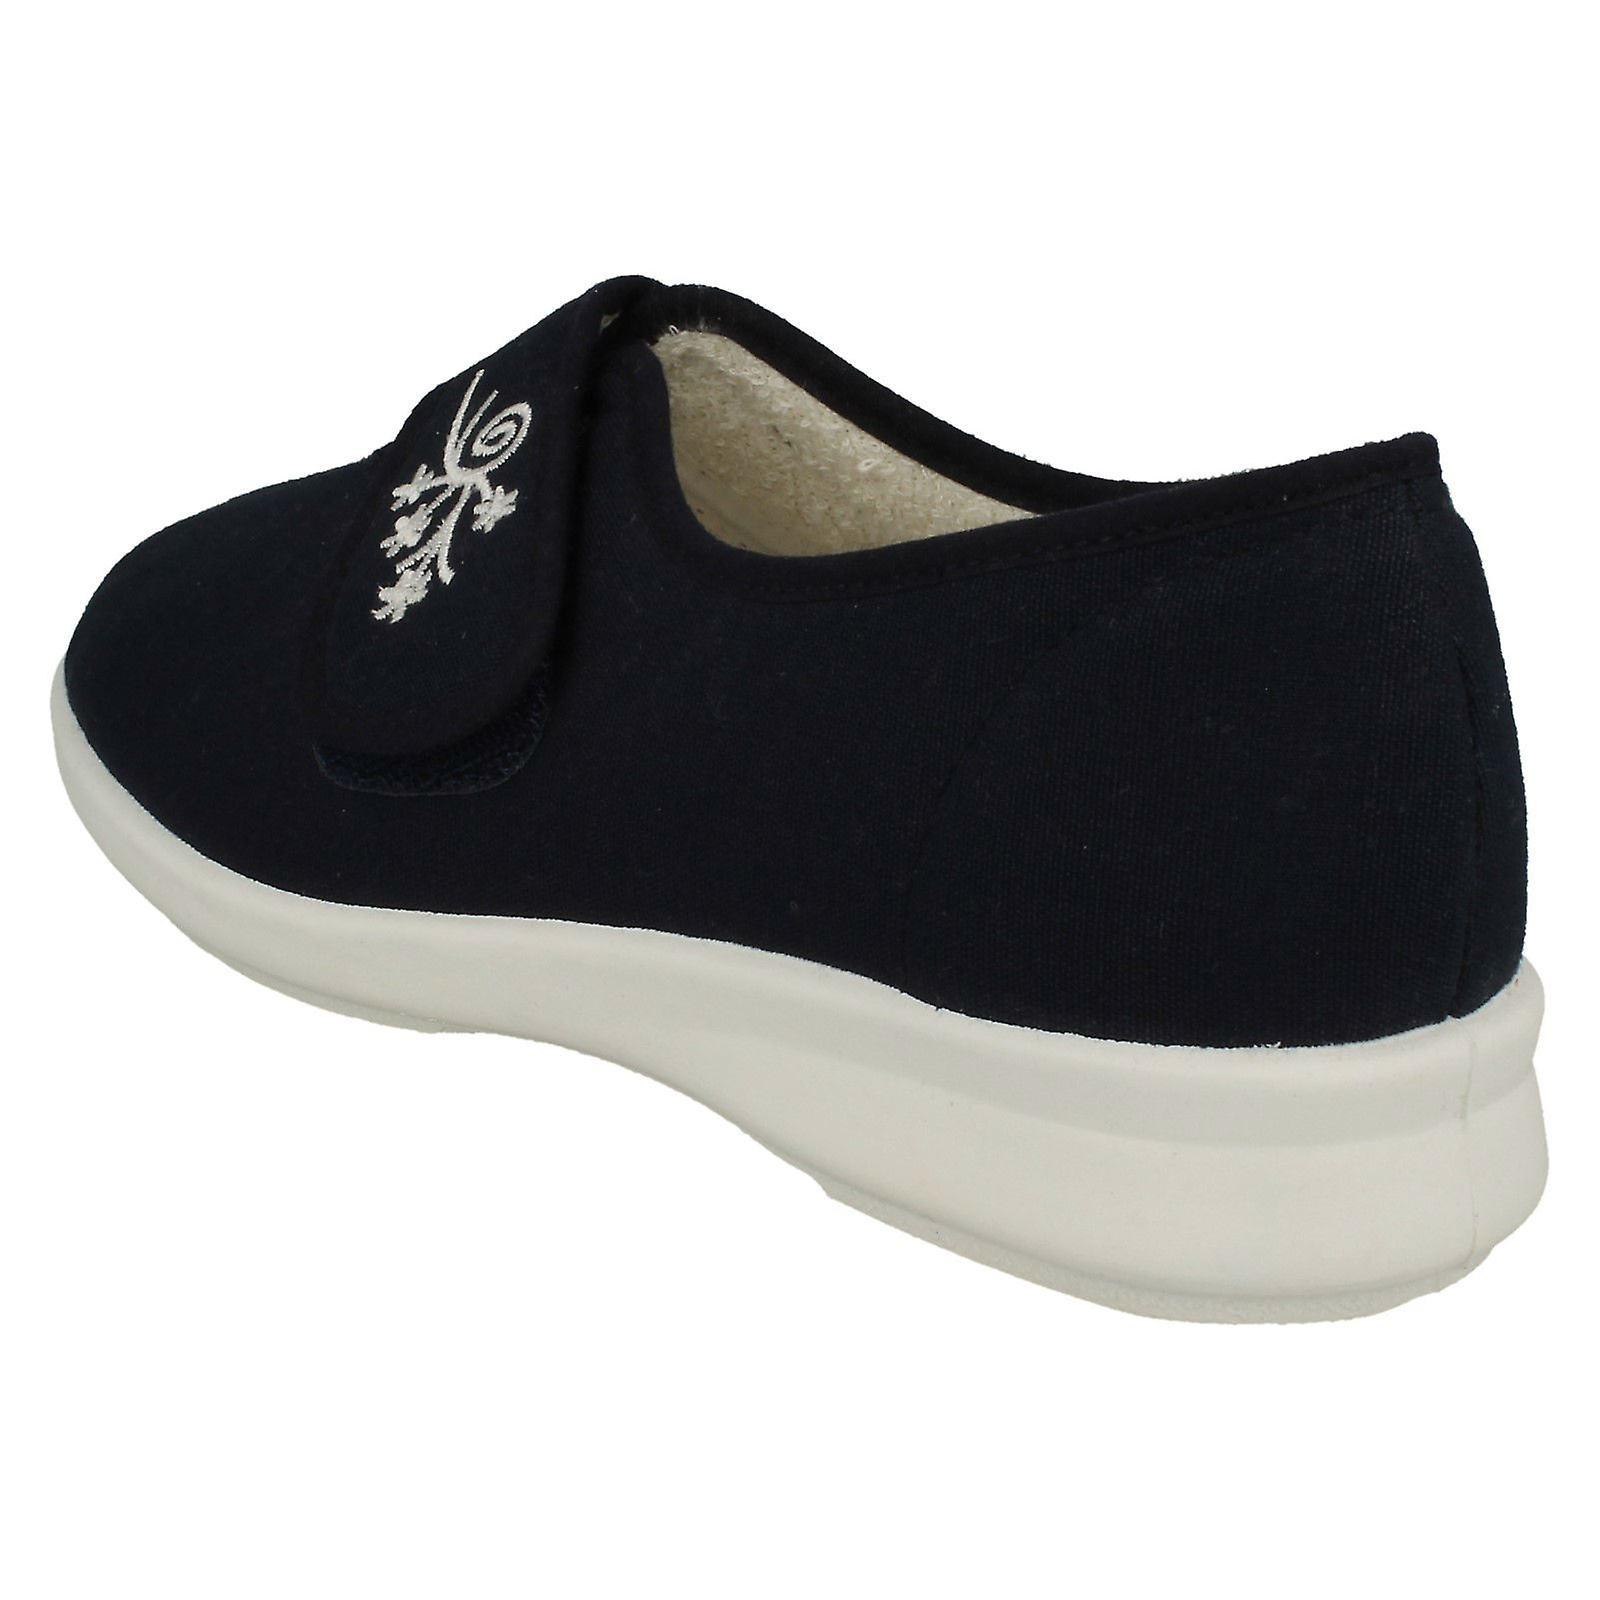 B simple dames chaussures Sandy - Remise particulière